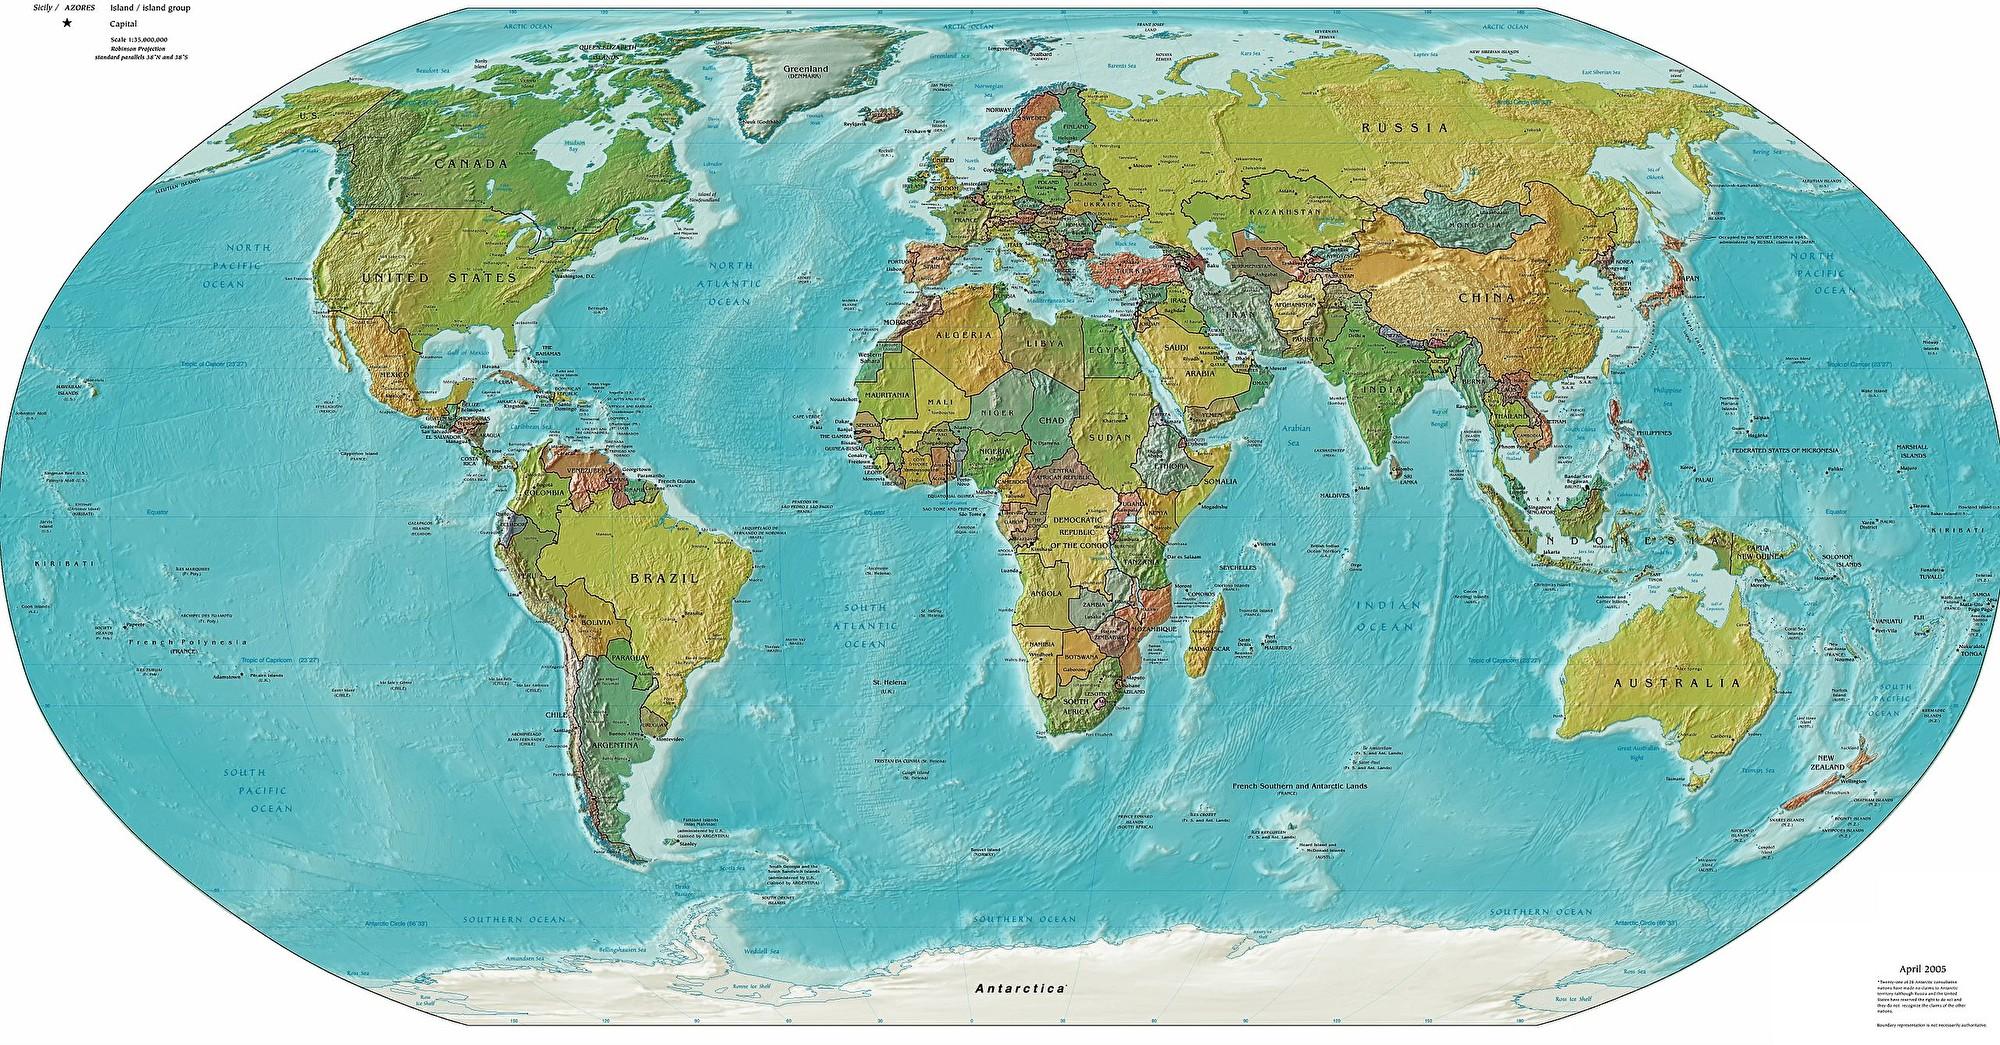 澳洲一份報告披露了中共如何在全球打造大數據收集生態系統。(維基百科公有領域)